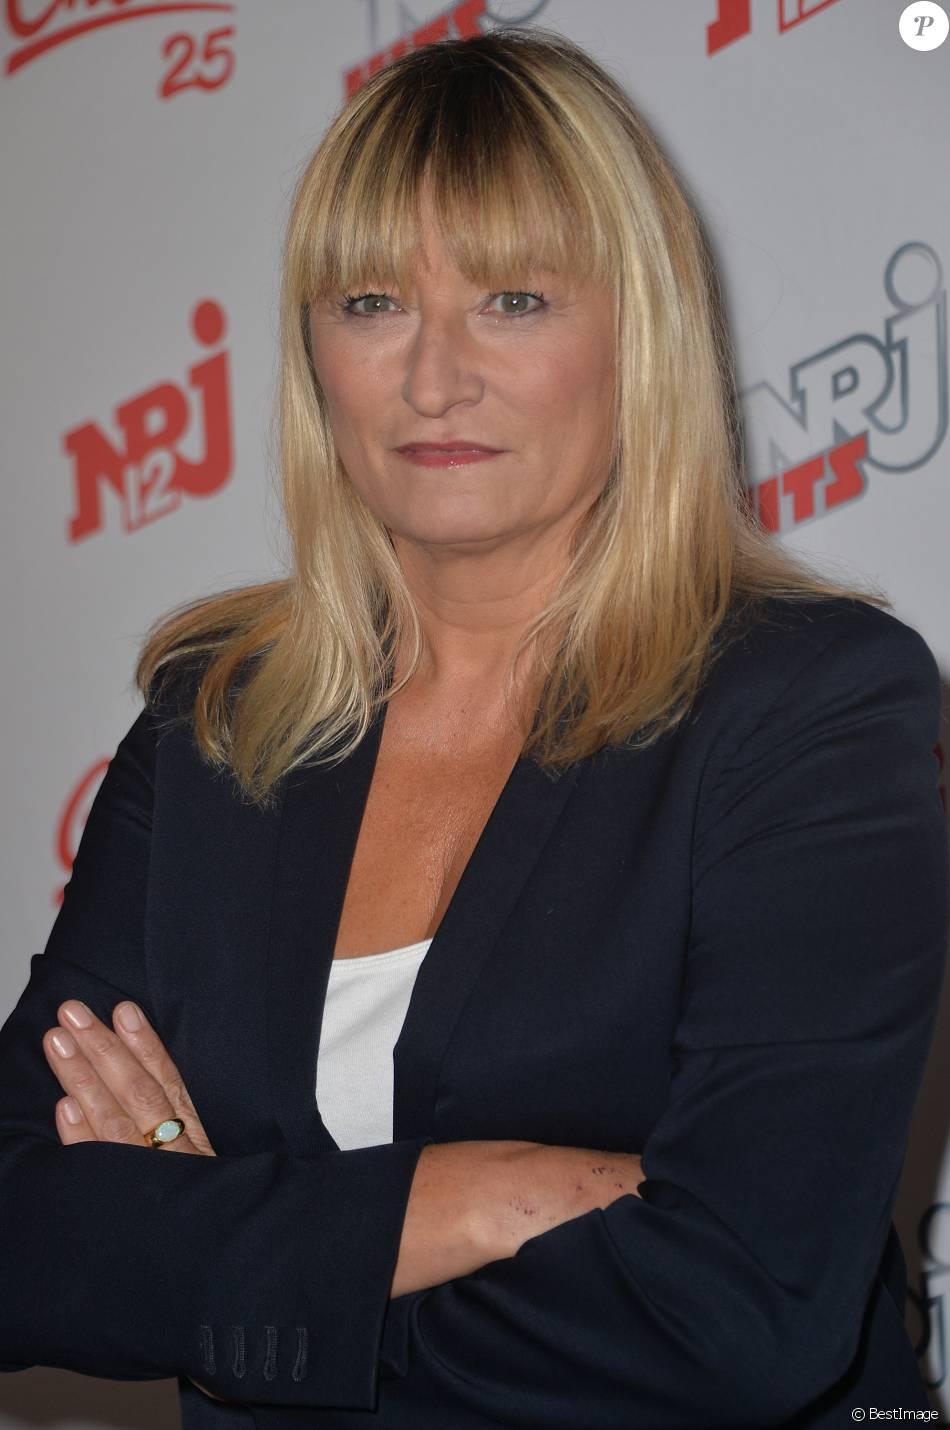 Christine Bravo - Conférence de presse de la grille de rentrée 2015/2016 des chaînes NRJ12, NRJ Hits et Chérie 25 à la Cour du Marais à Paris, le 27 août 2015.